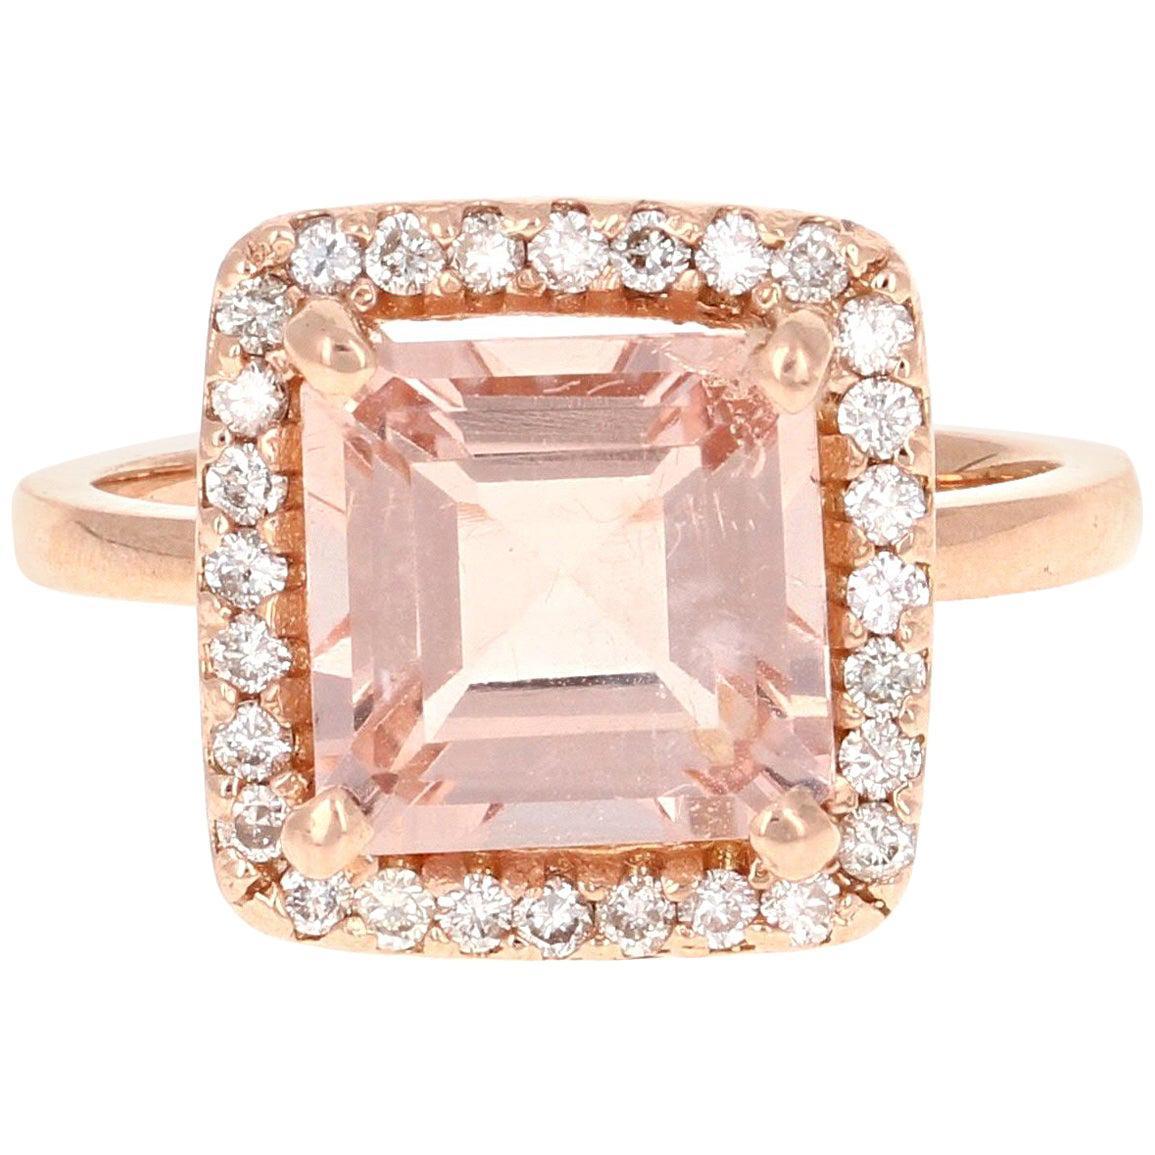 3.96 Carat Morganite Diamond 14 Karat Rose Gold Enagement Ring